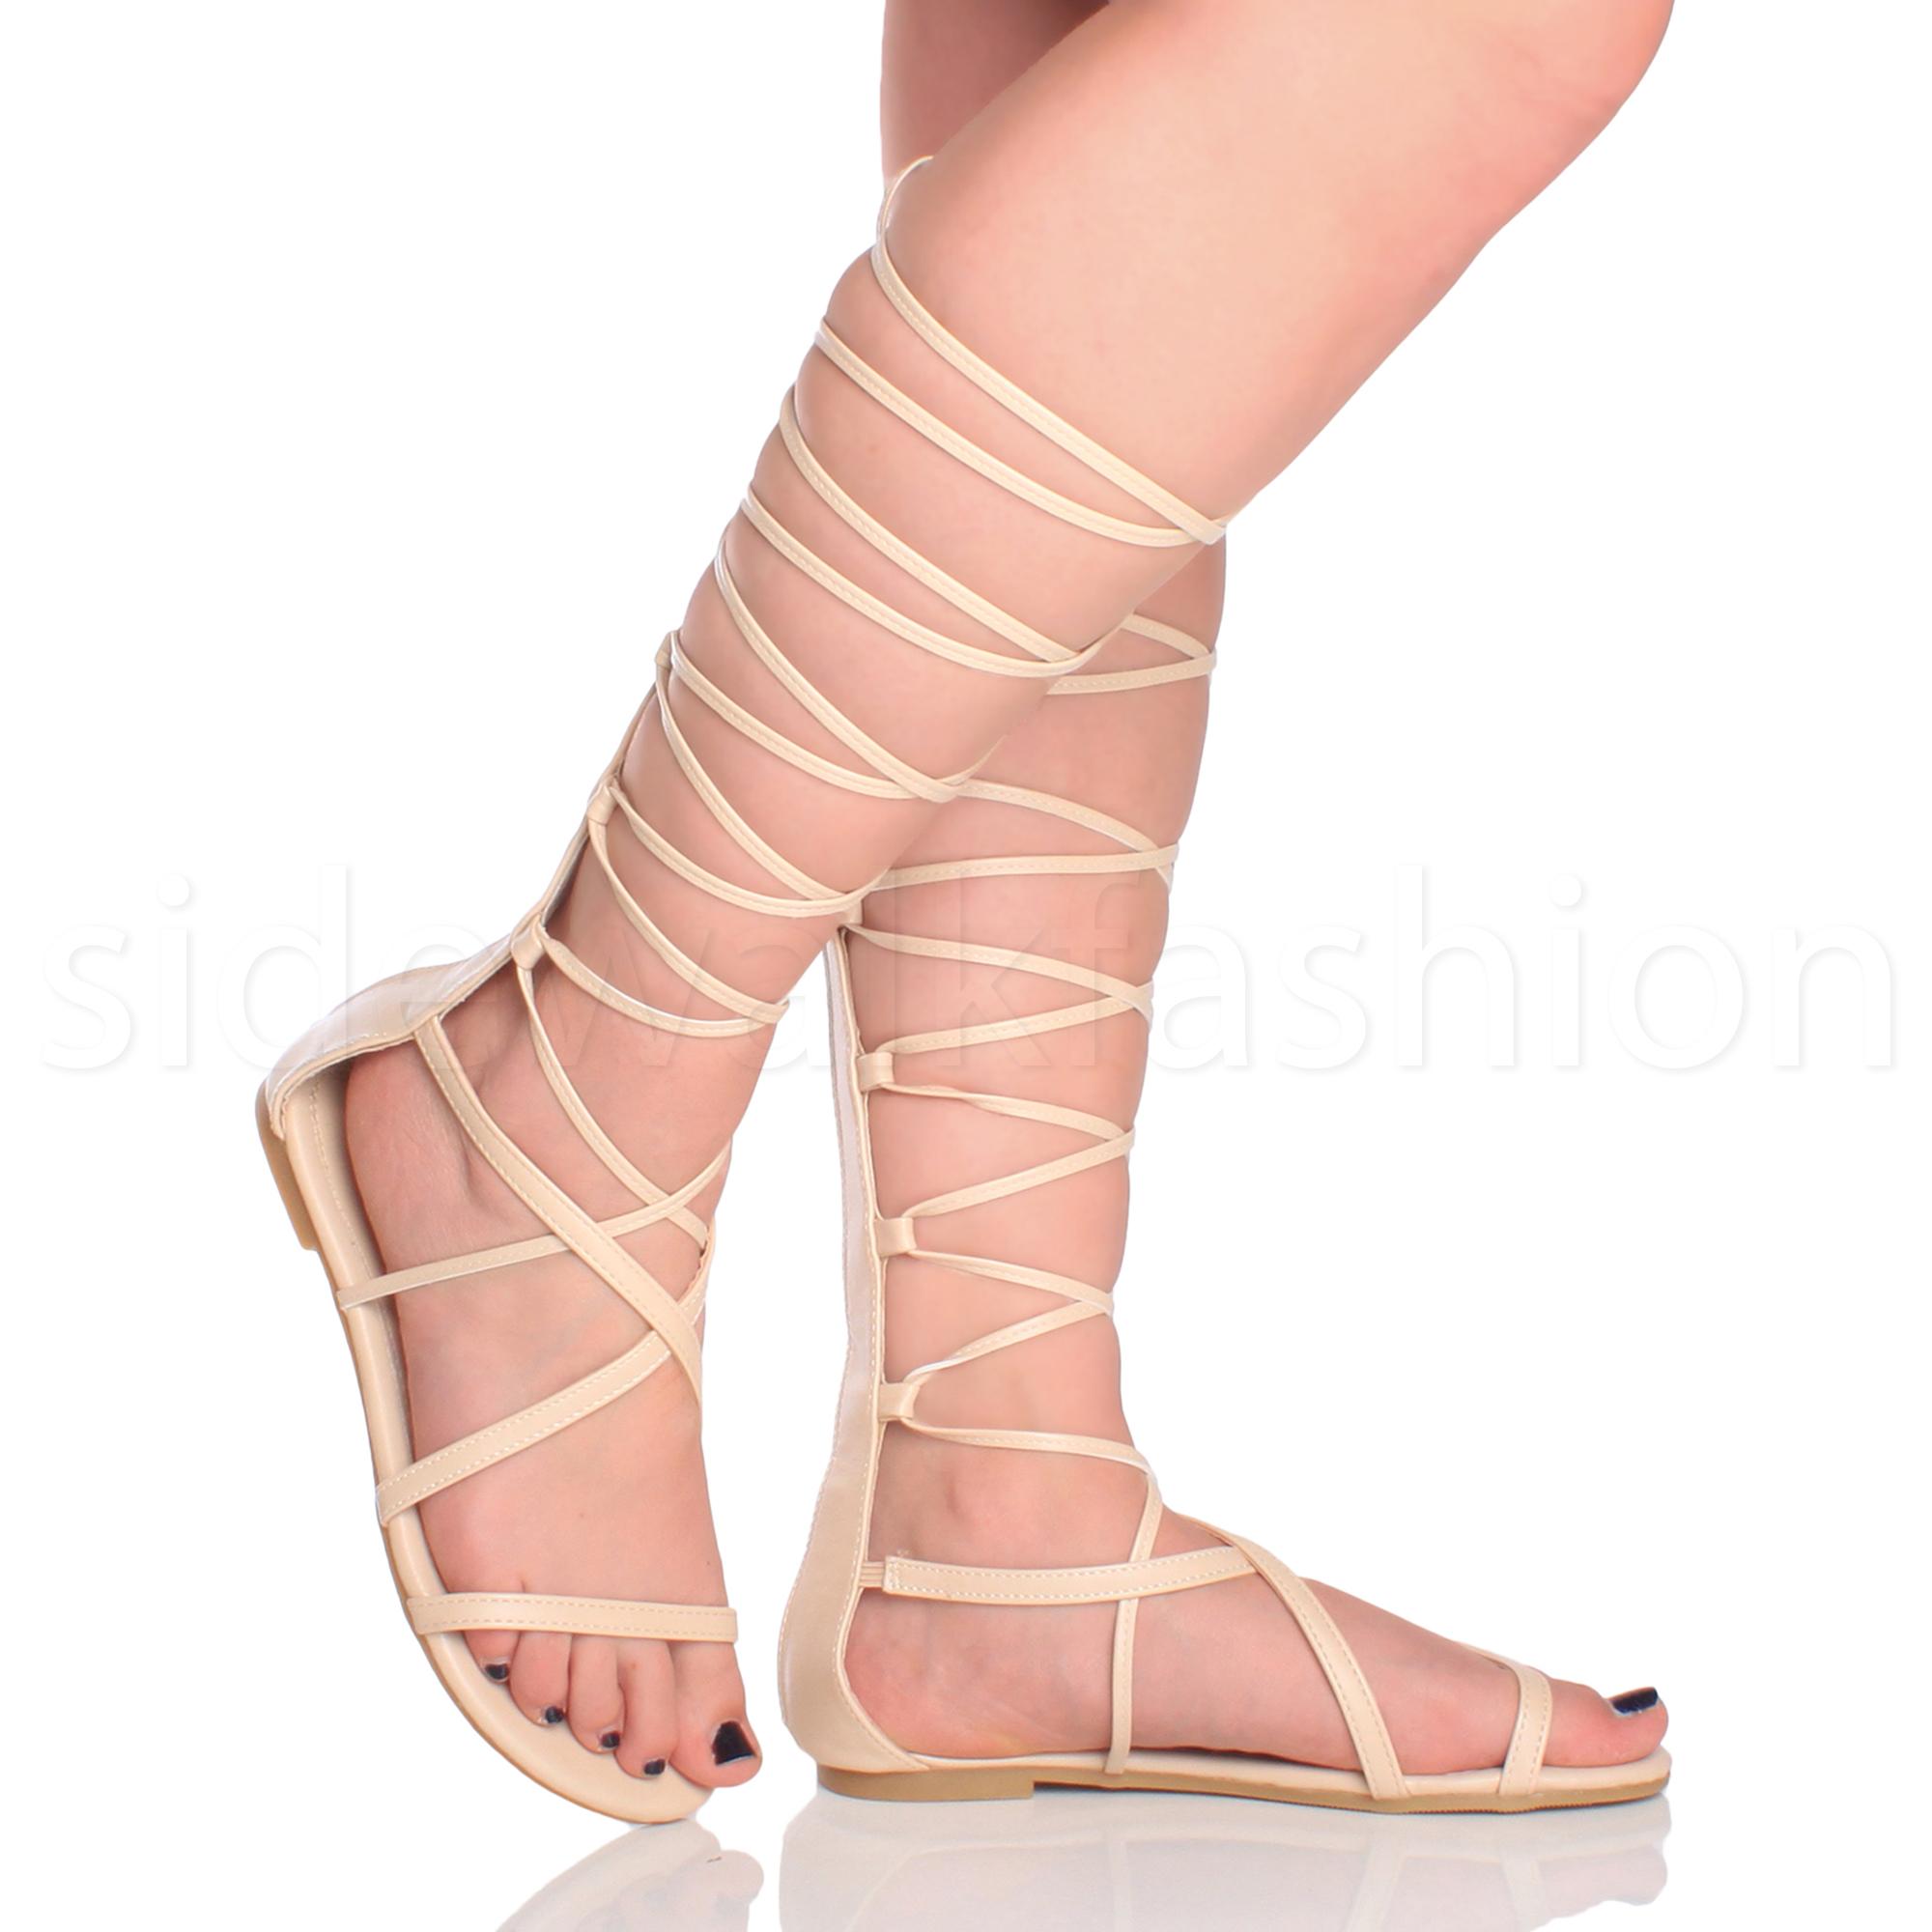 Para-Mujer-Damas-Tie-Up-Con-Cordones-Plana-Con-Tiras-Sandalias-hasta-la-Rodilla-Envoltura-Alrededor